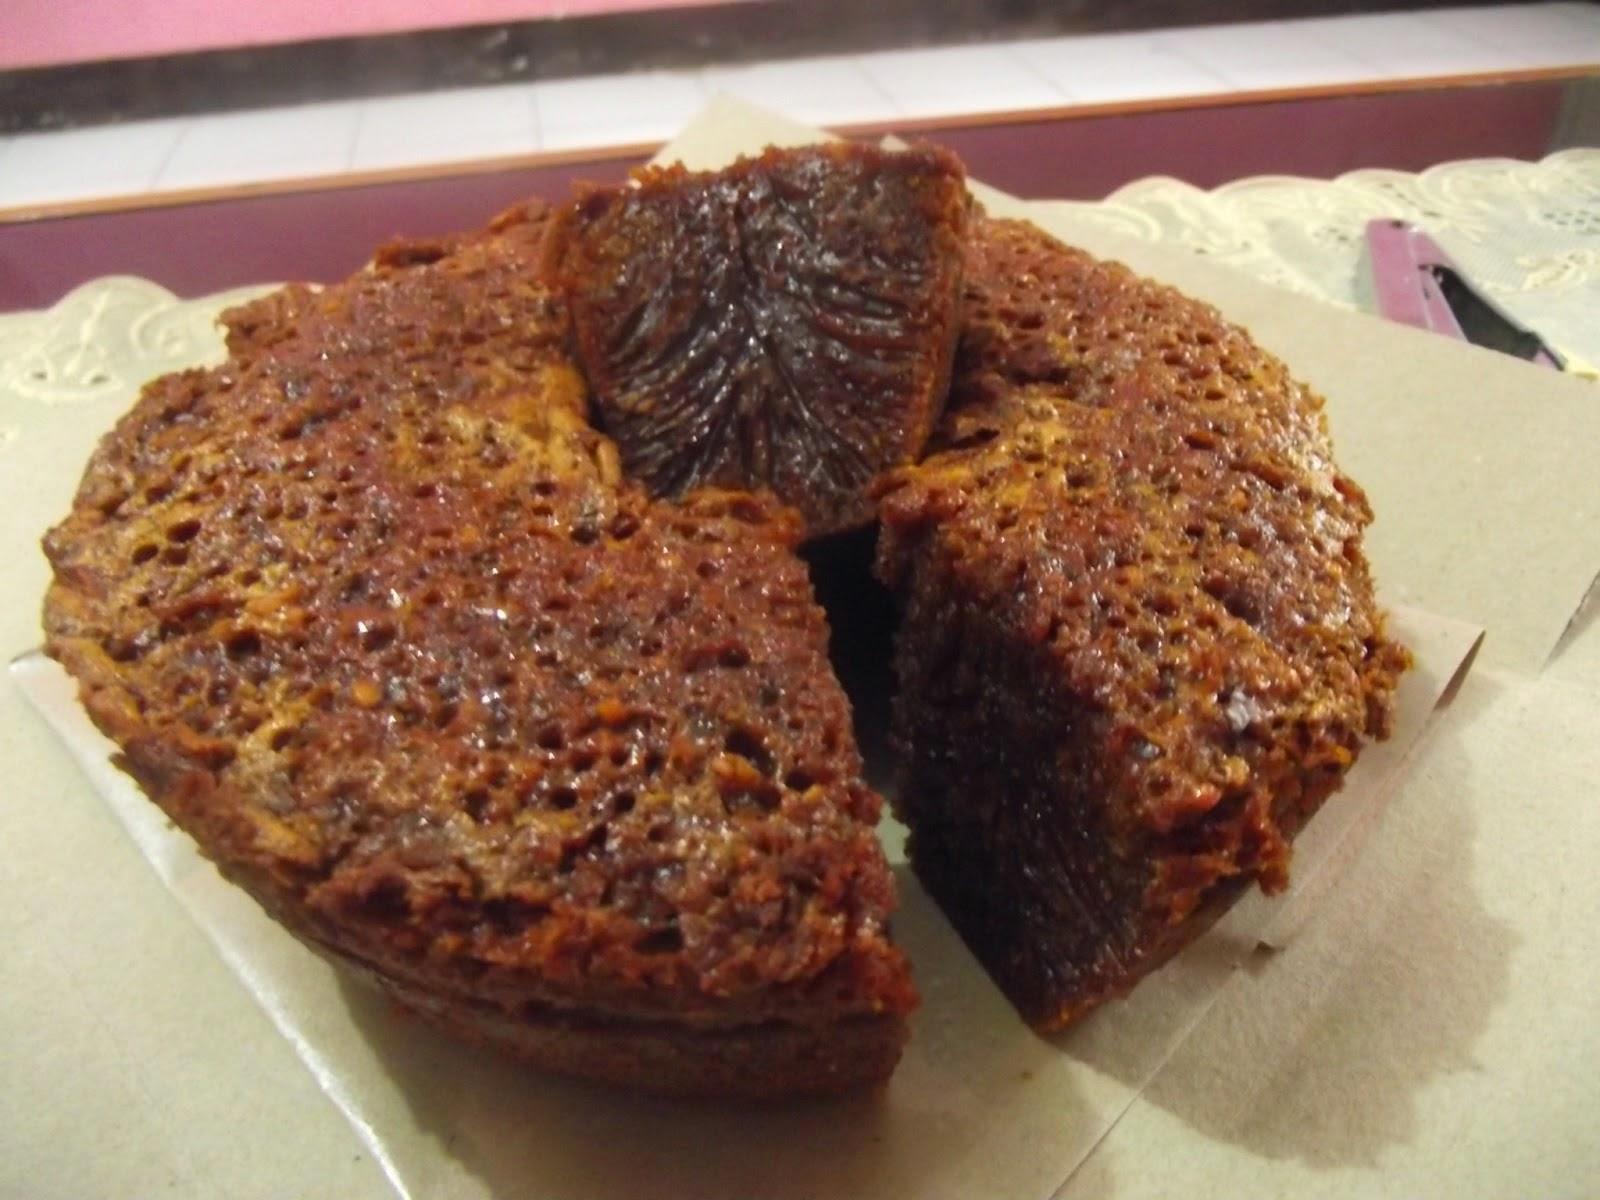 kek gula hangus mudah resepiu Resepi Kek Pisang Gula Hangus Enak dan Mudah